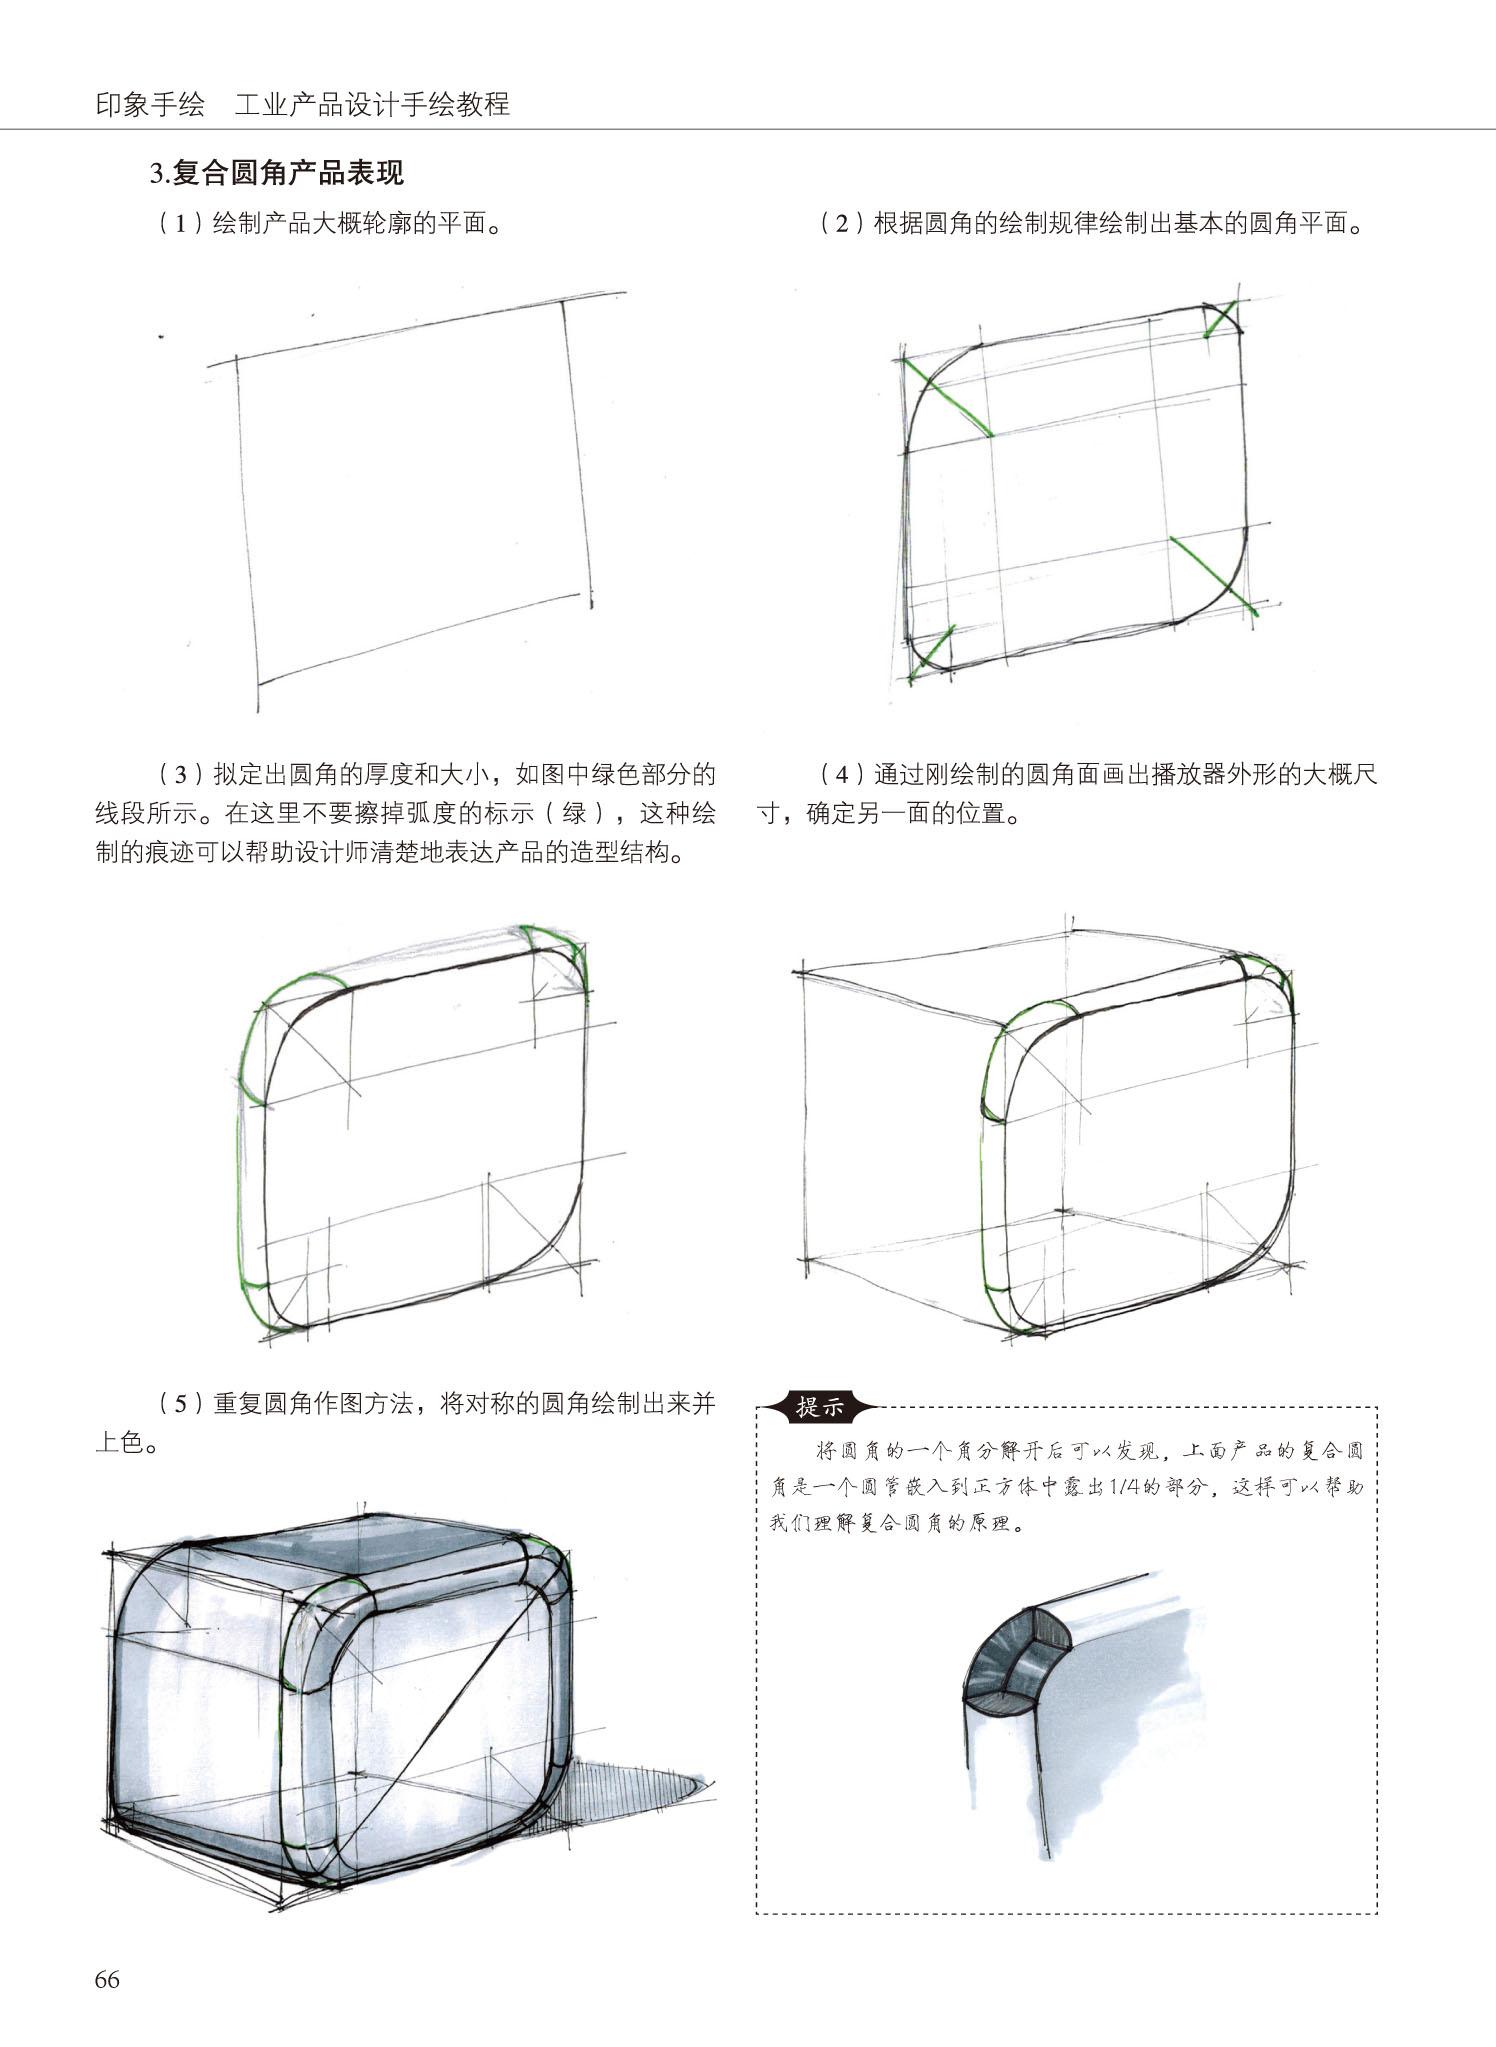 《印象手绘 工业产品设计手绘教程》图书内容分享